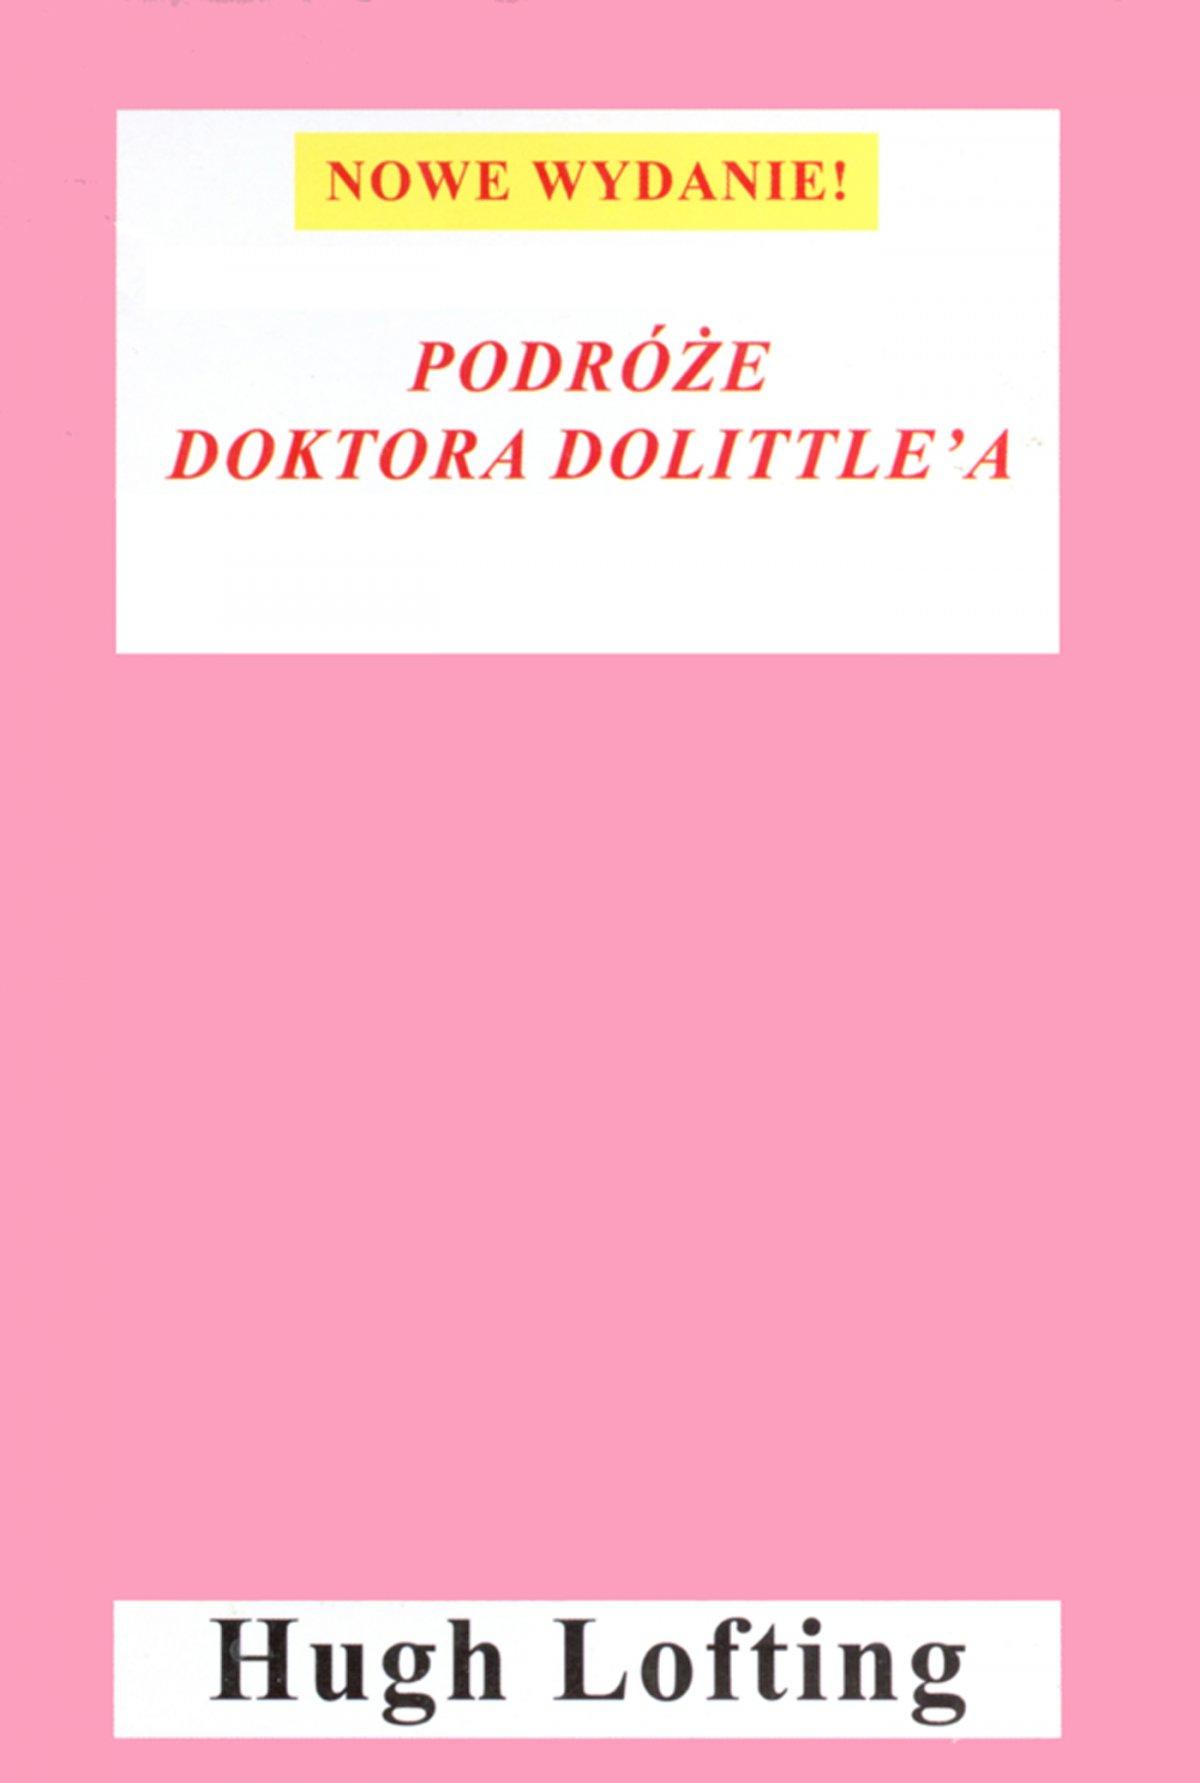 Podróże doktora Dolittle - Ebook (Książka na Kindle) do pobrania w formacie MOBI